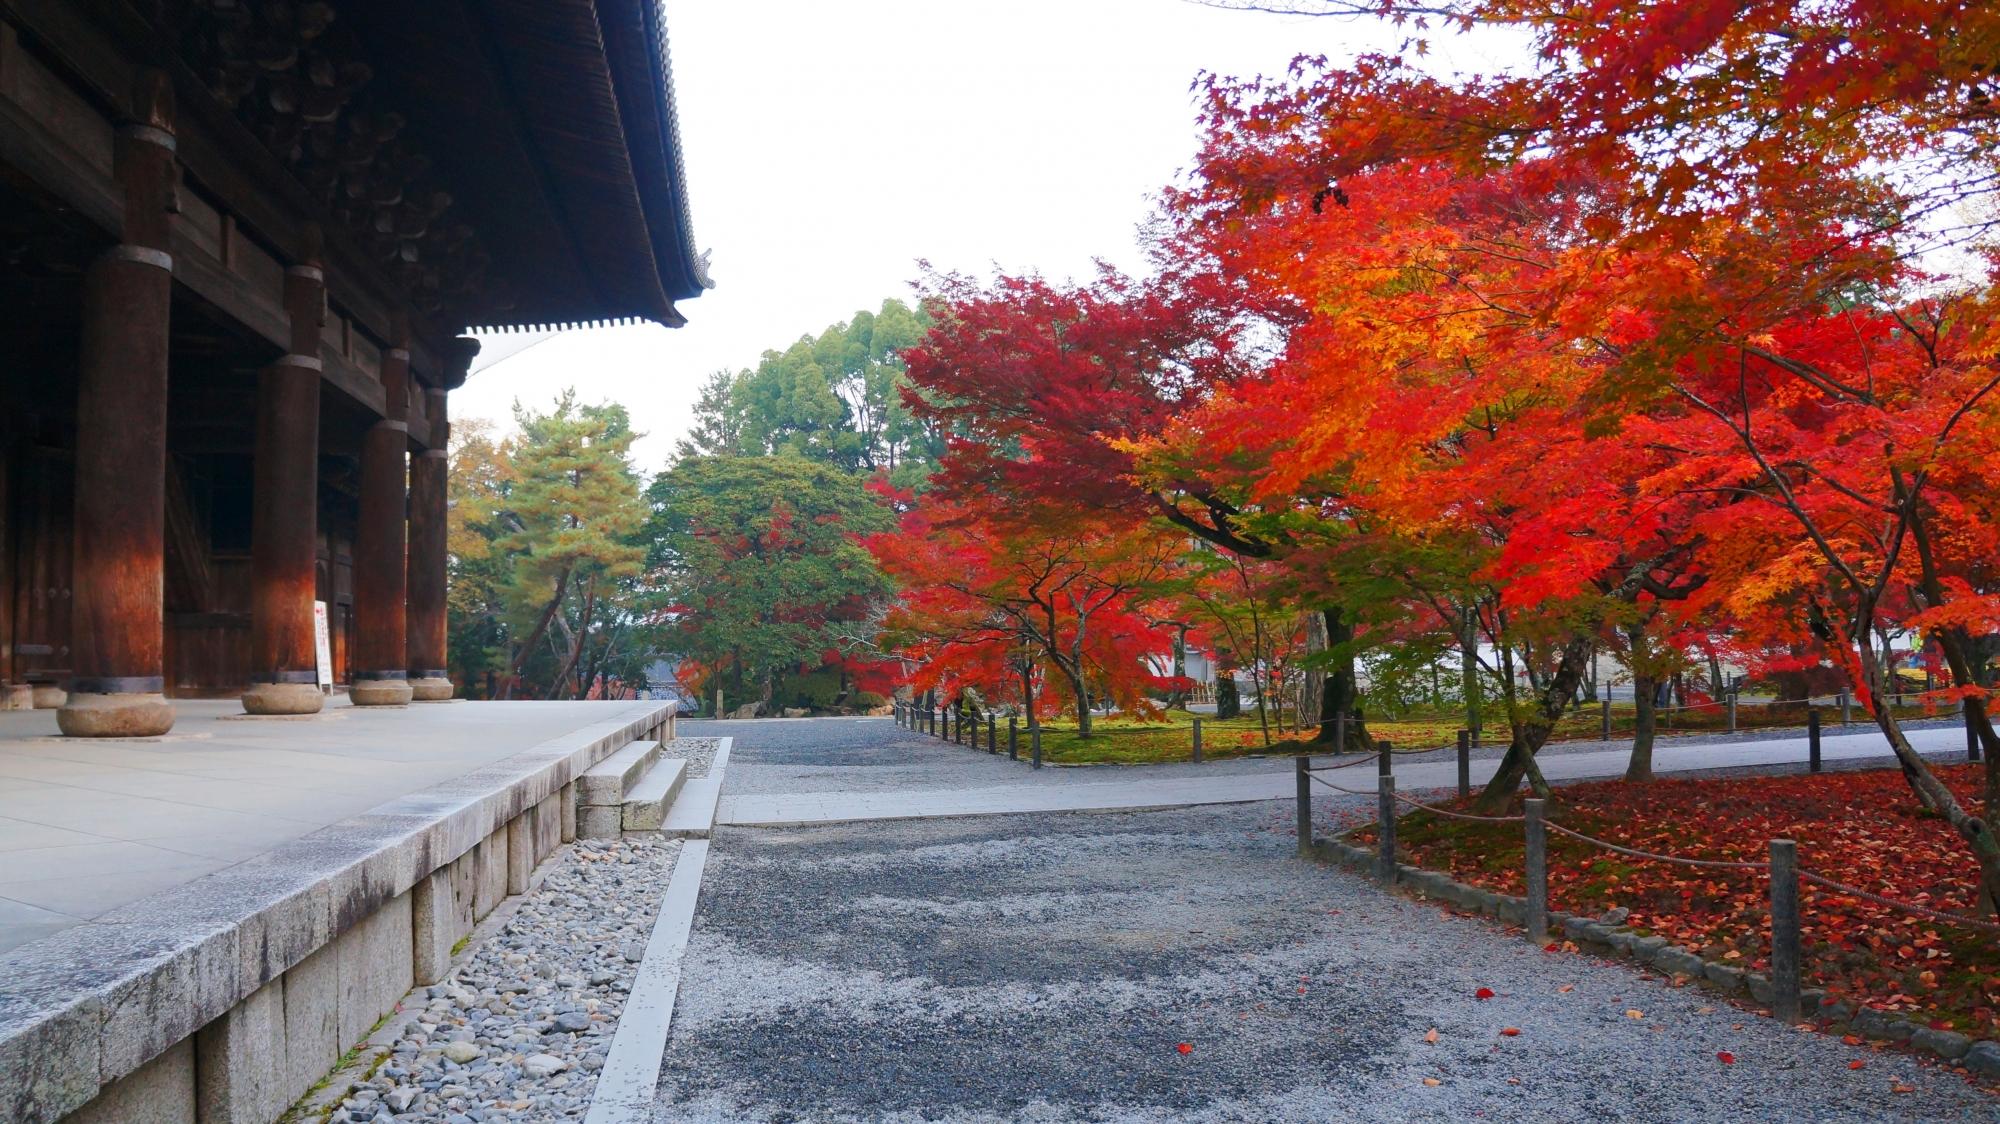 巨大な三門を彩る多彩な紅葉